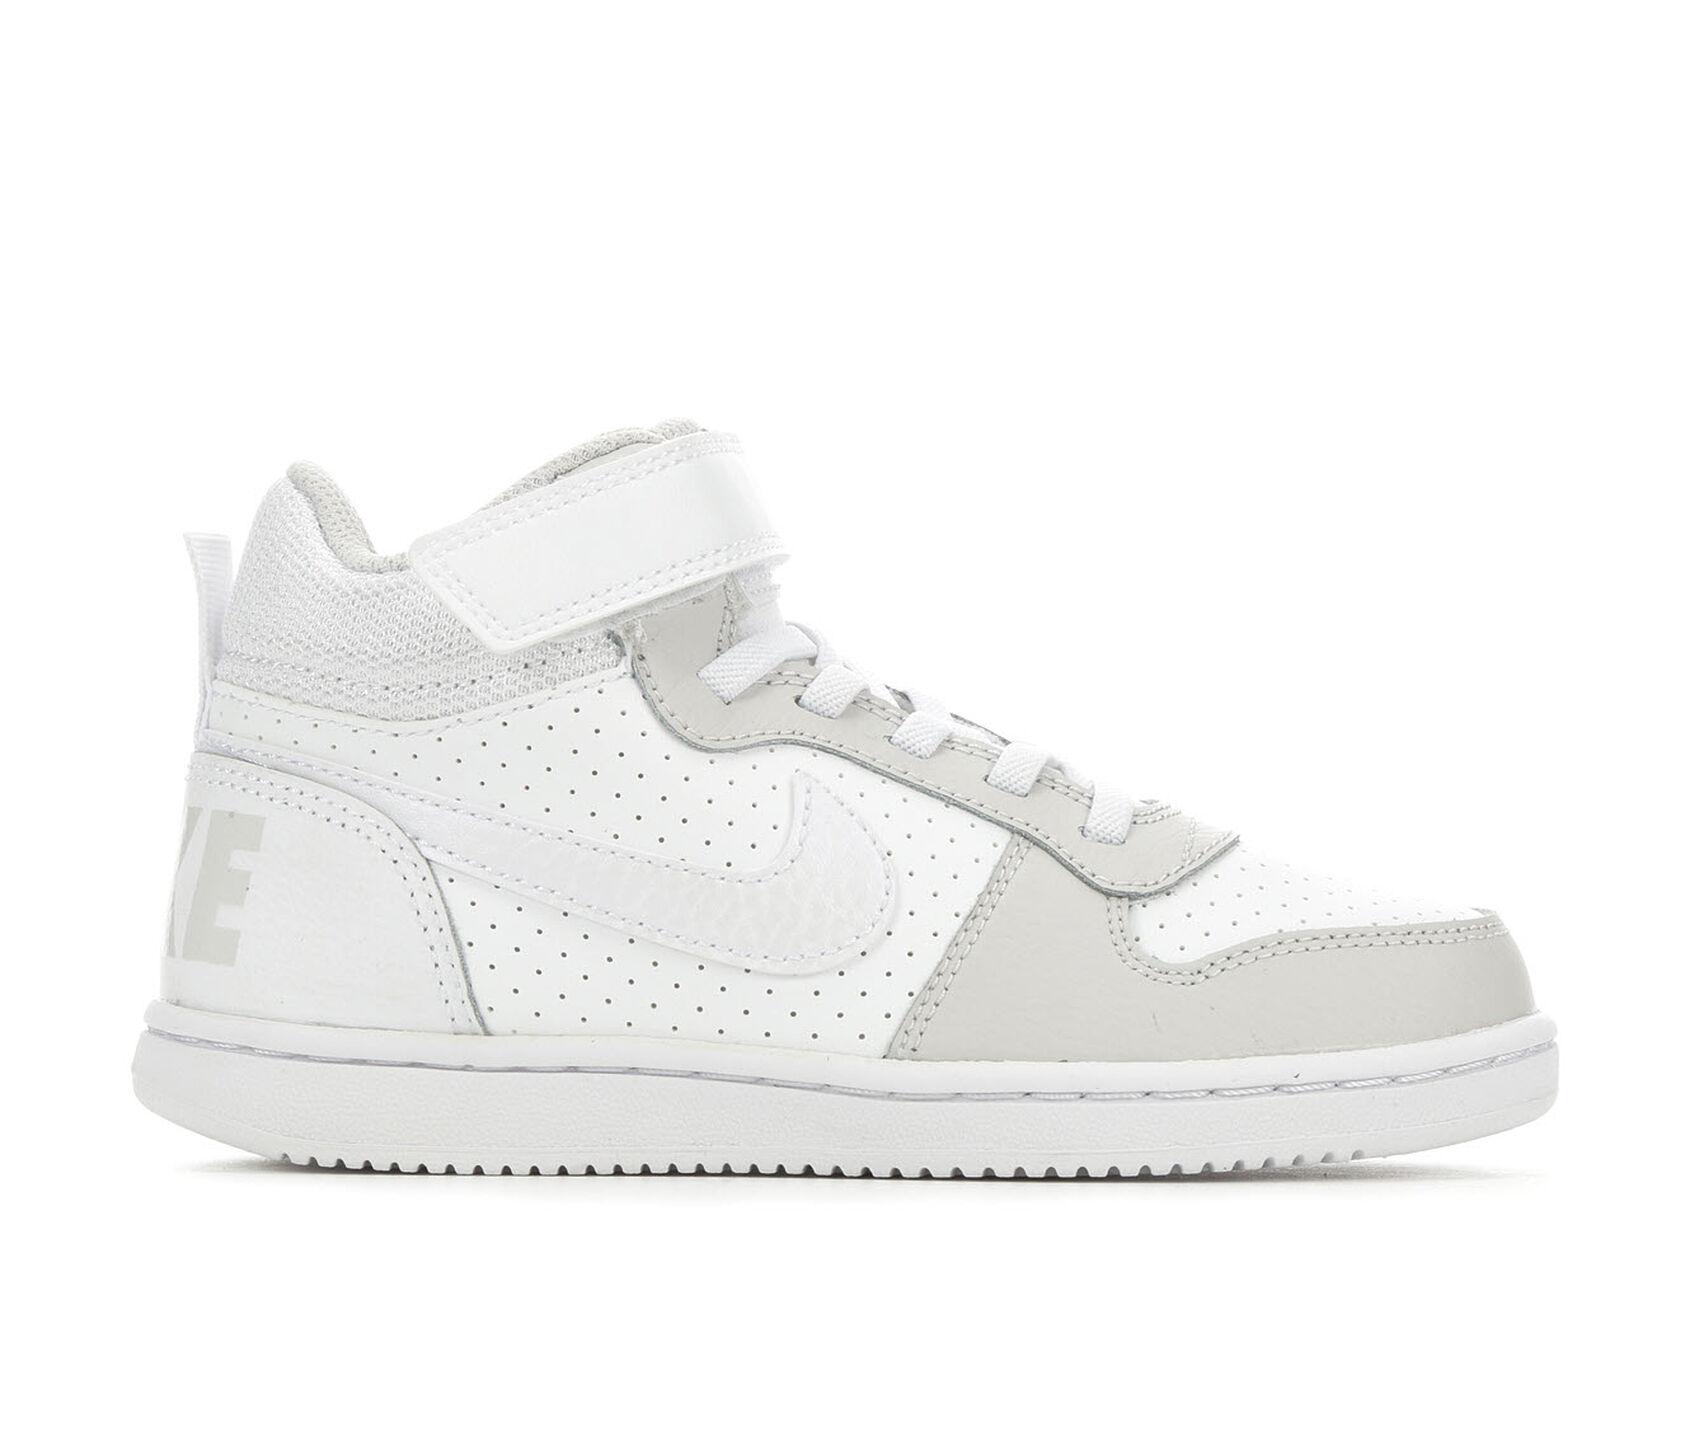 nouveau produit f3d28 92b06 Girls' Nike Little Kid Court Borough Mid Basketball Shoes